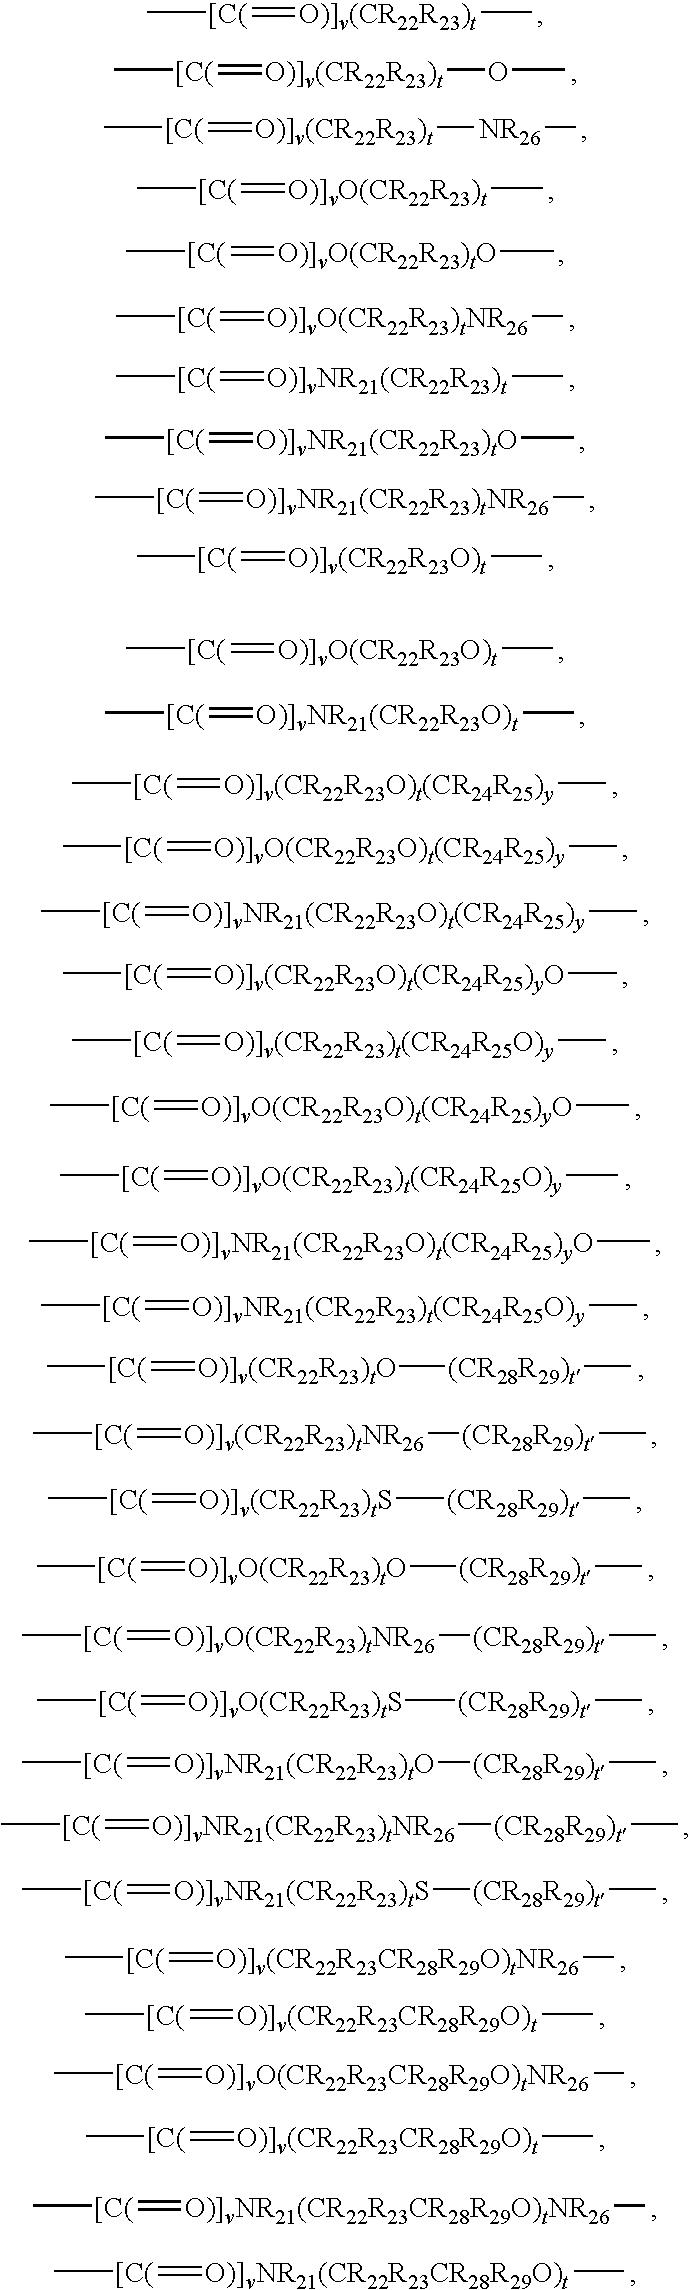 Figure US20100056555A1-20100304-C00003